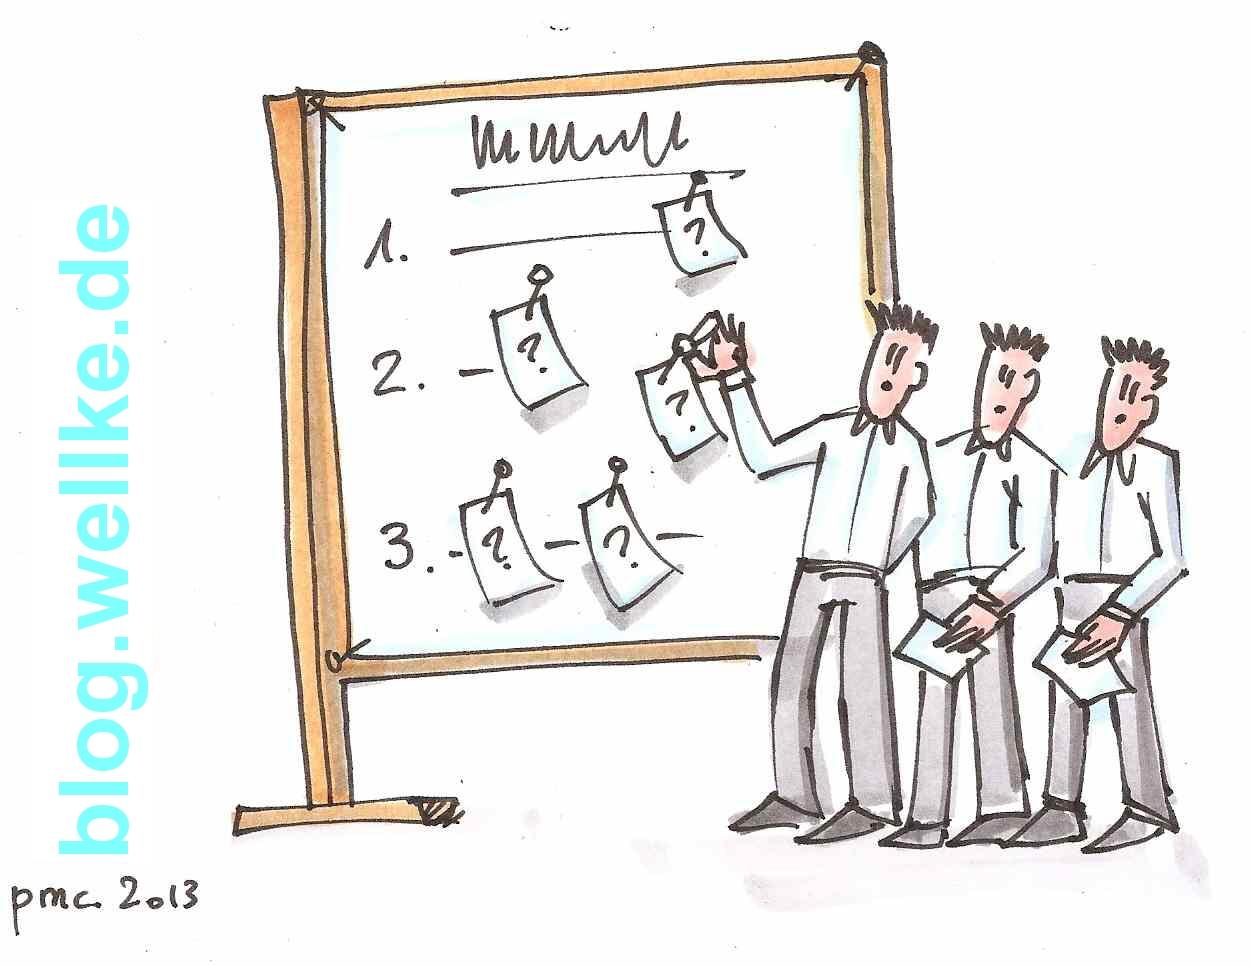 6 - Organisationsentwicklung Vorbehalte Ängste Fragen _ Workshop mit Hans-Peter Wellke und Martin Cambeis